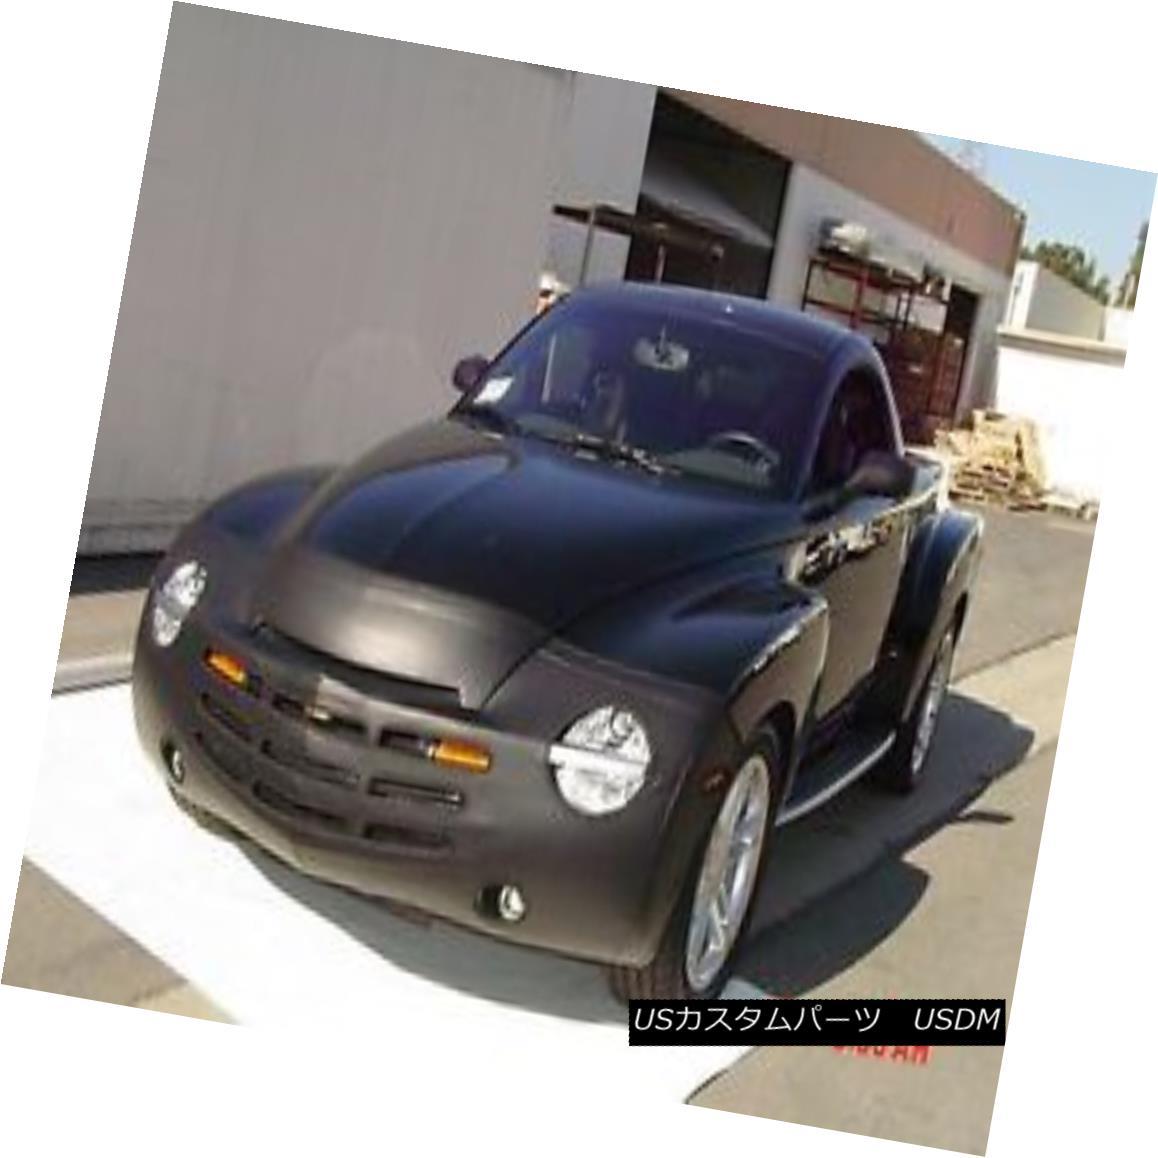 フルブラ ノーズブラ Colgan Front End Mask Bra 2pc. Fits 2004 2005 2006 Chevy SSR W/O Front Plate コルガンフロントエンドマスクブラ2pc フィット2004年2005年2006年シボレーSSR W / Oフロントプレート